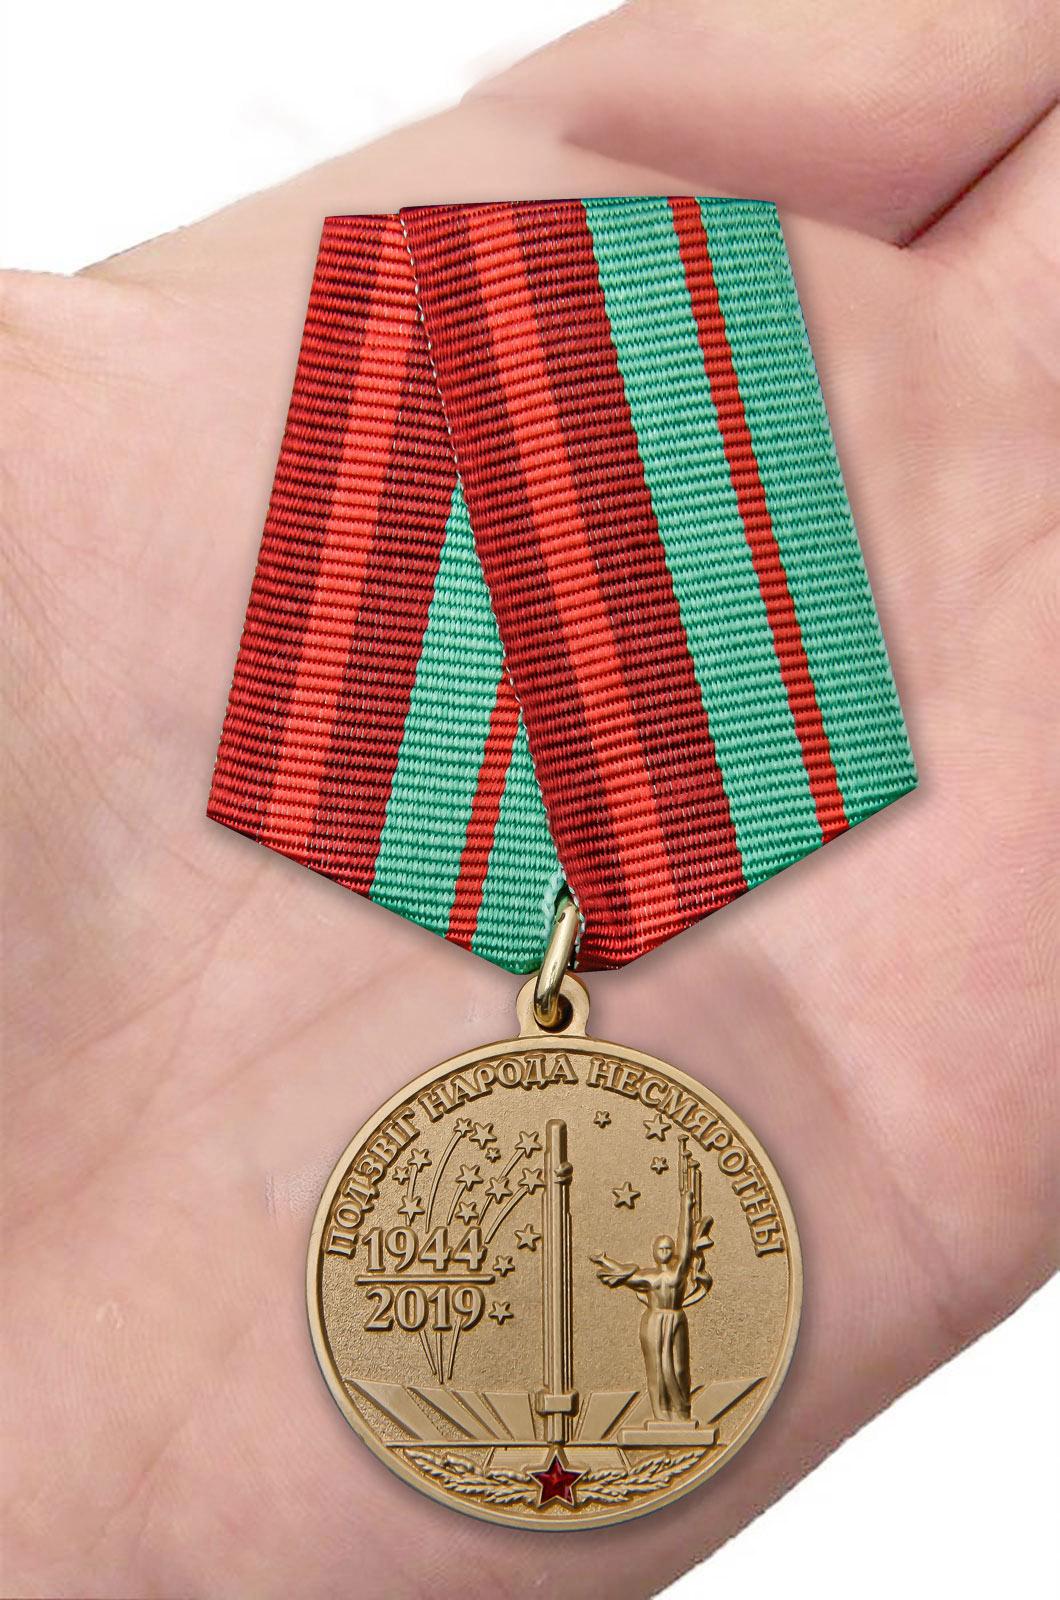 Латунная медаль 75 лет освобождения Беларуси от немецко-фашистских захватчиков - вид на ладони